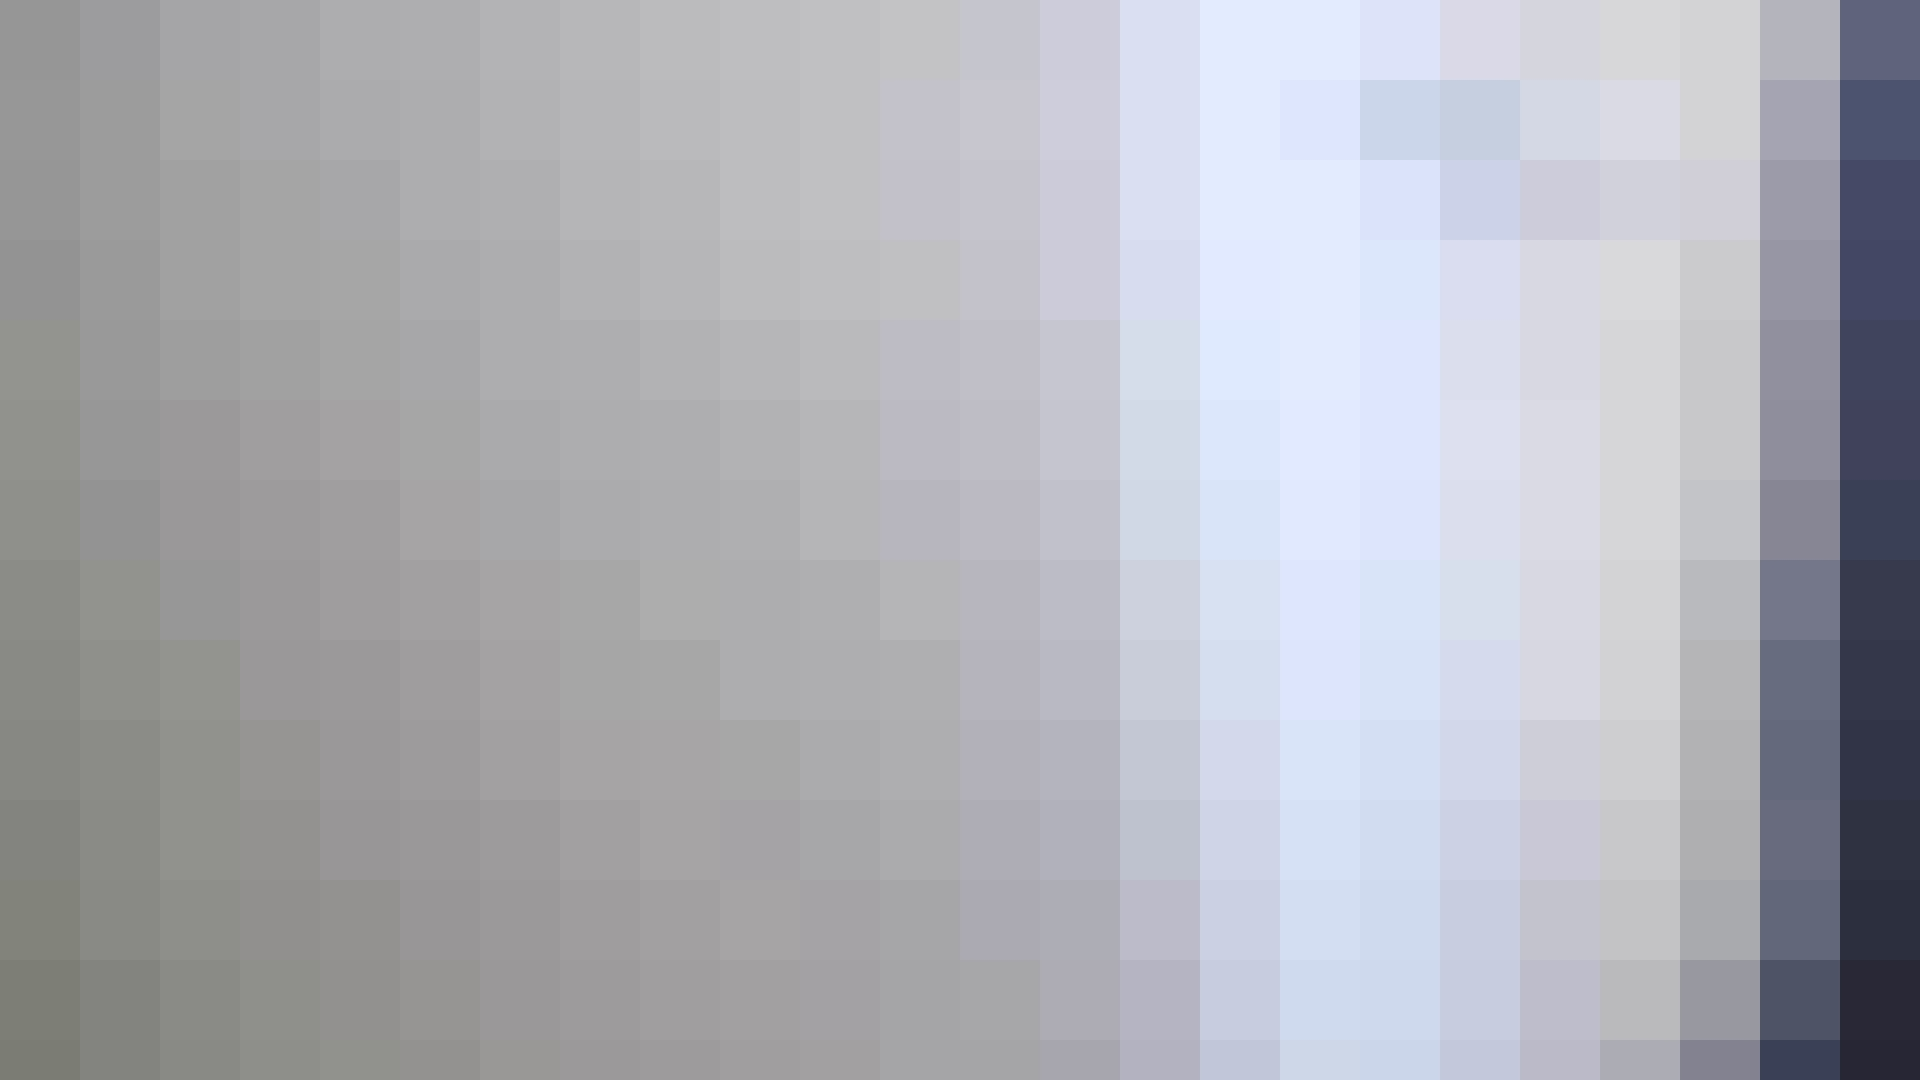 阿国ちゃんの「和式洋式七変化」No.18 iBO(フタコブ) ギャルズ | 和式・女子用  98画像 91